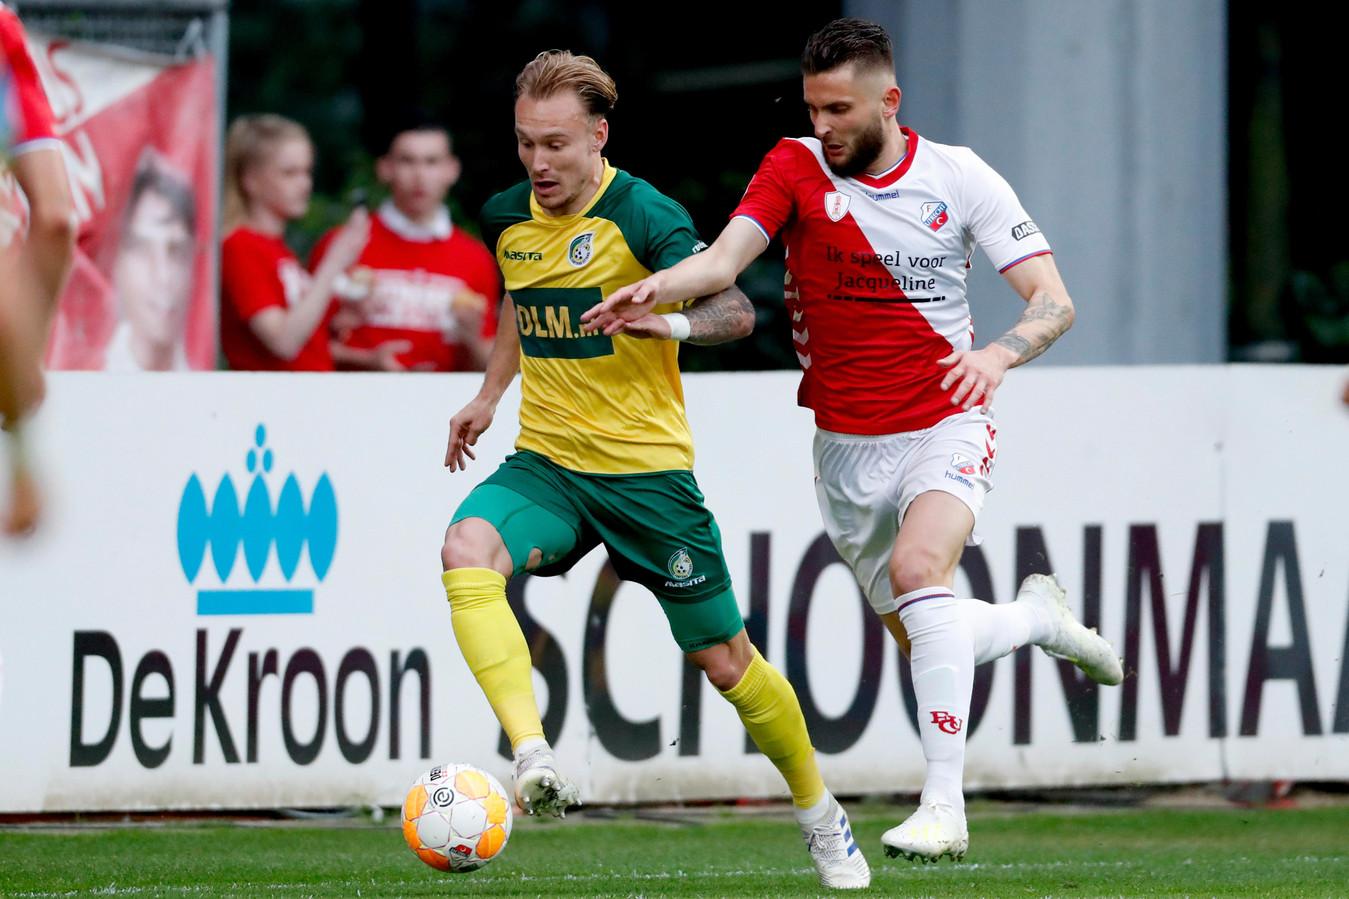 Mark Diemers van Fortuna Sittard dribbelt voorbij Nicolas Gavory van FC Utrecht. Verdedigers hadden veel overtredingen nodig om hem af te stoppen.